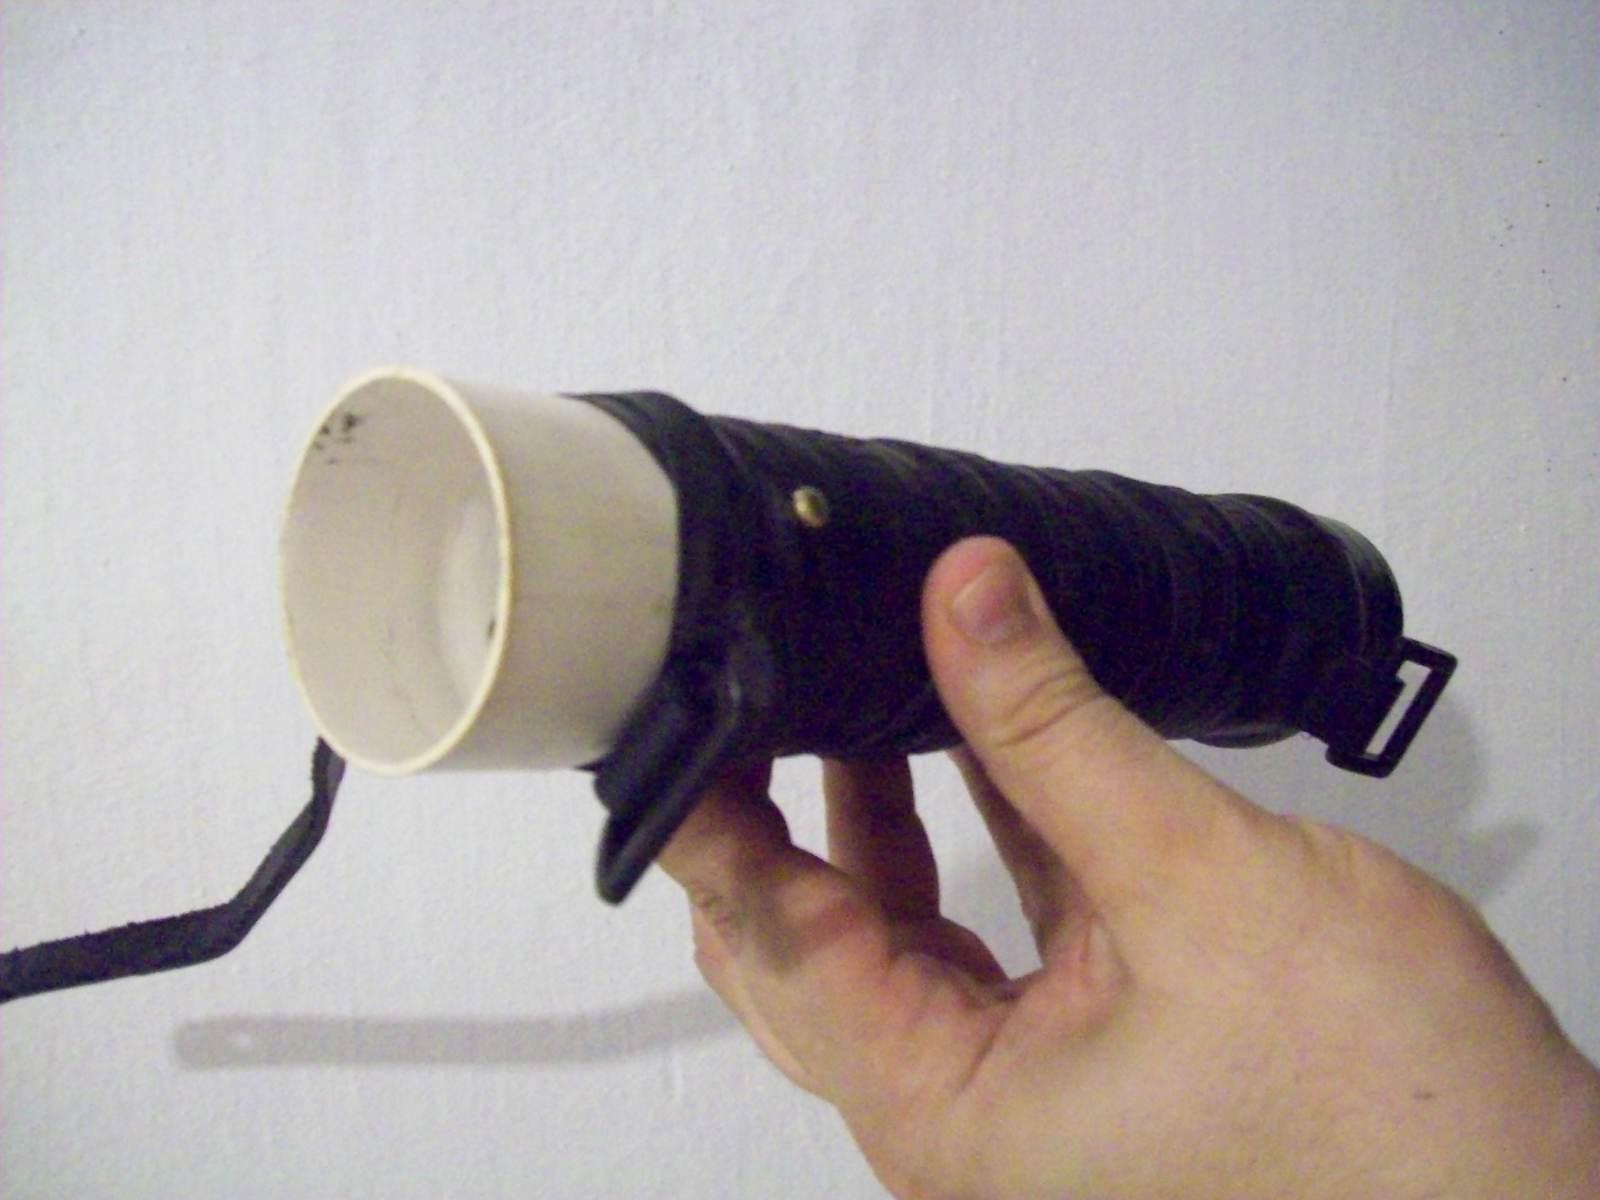 Aprovechando caños de PVC 24mgnpx